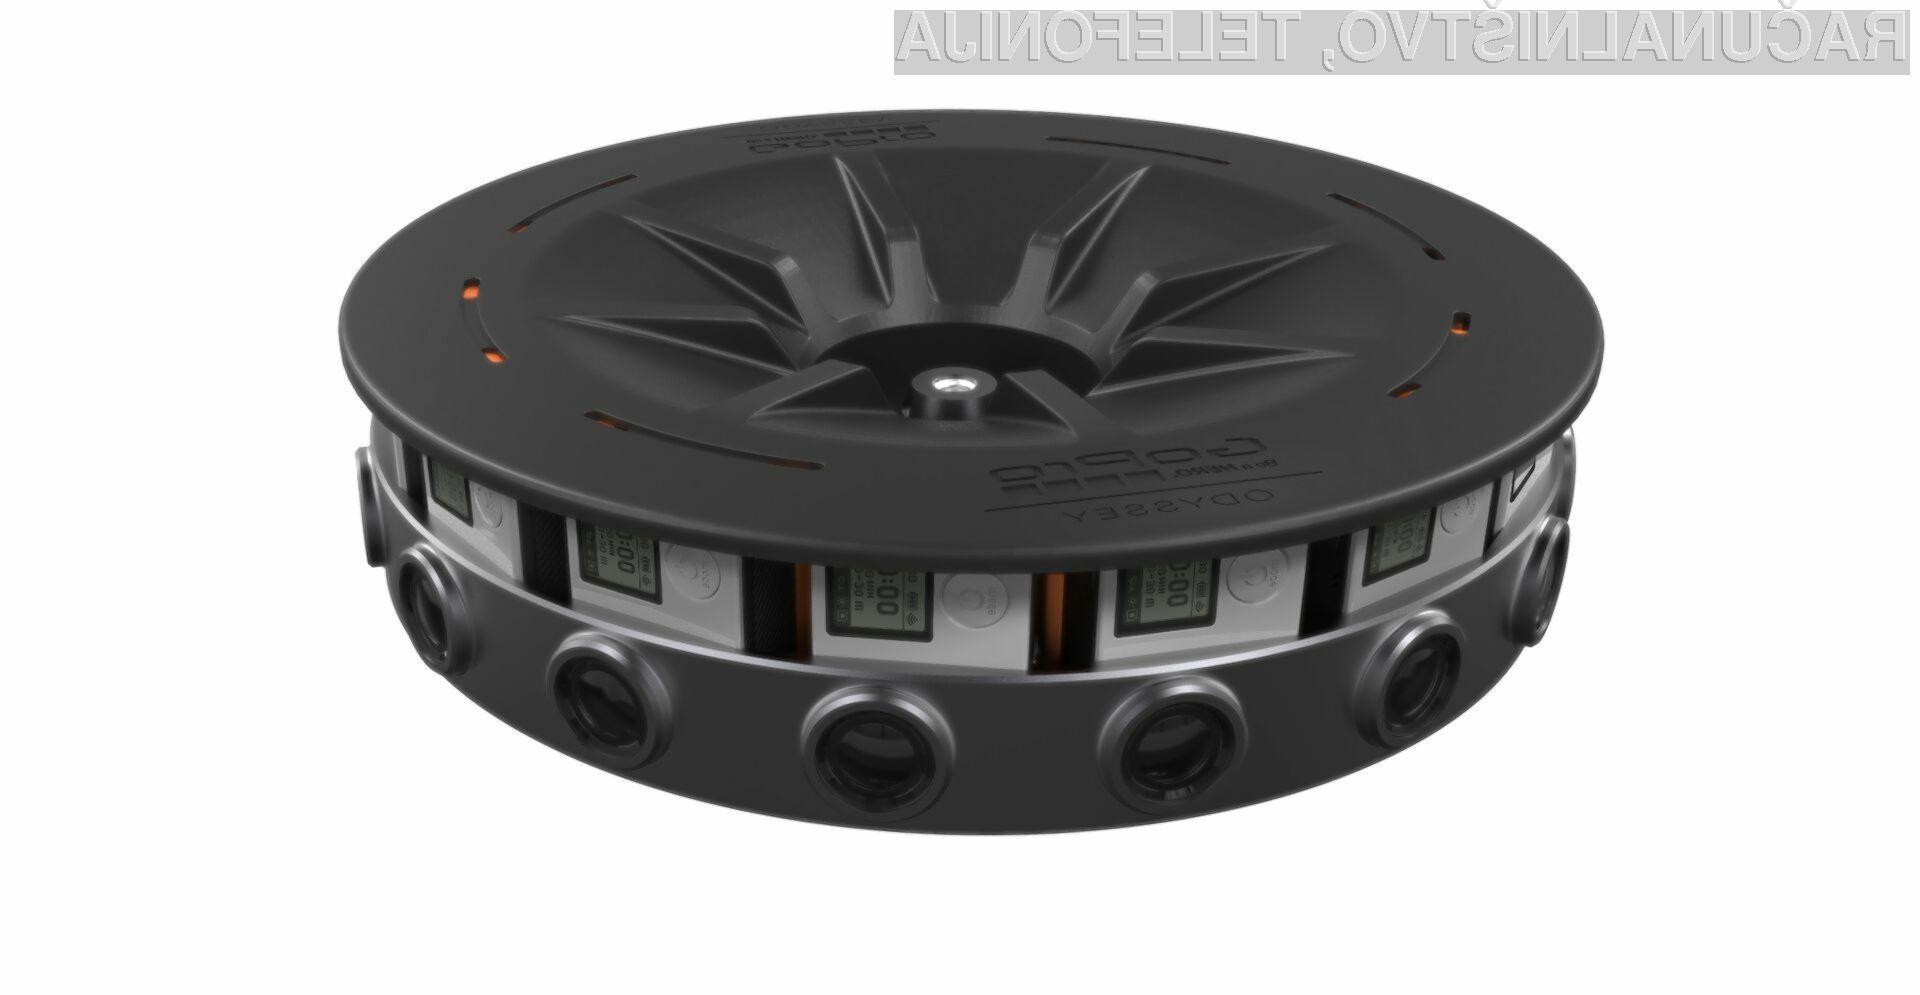 GoPro ukinja prodajo dostopnejših modelov kamer